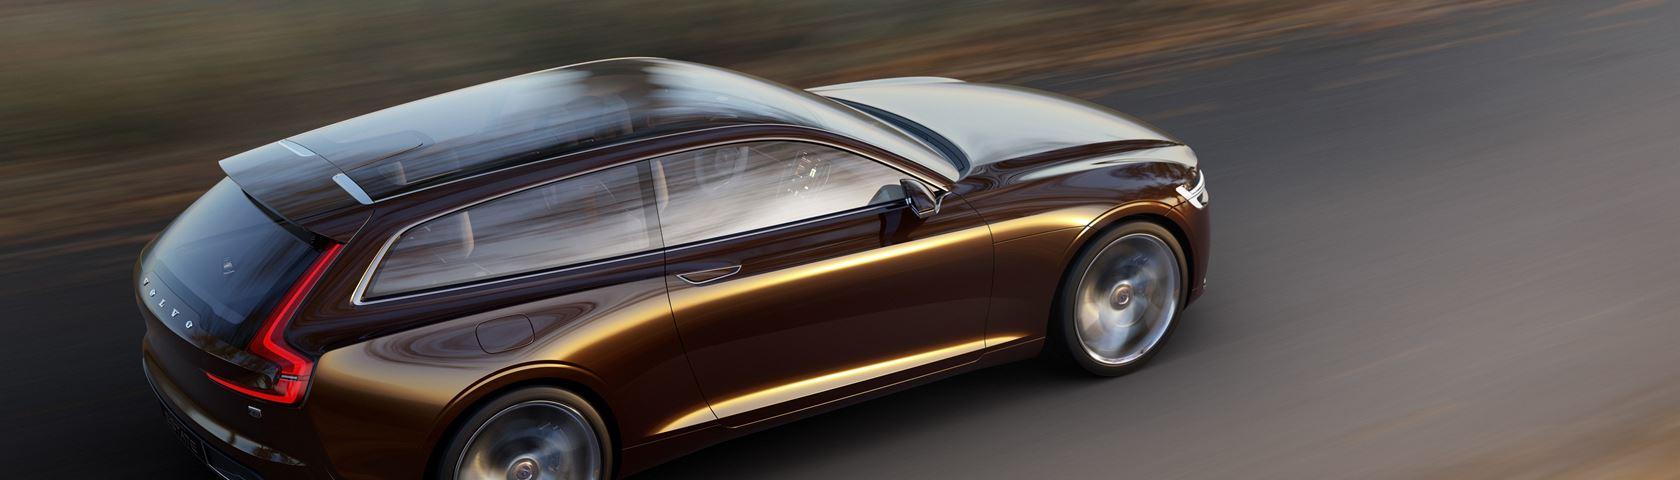 Volvo Concept Estate in Motion